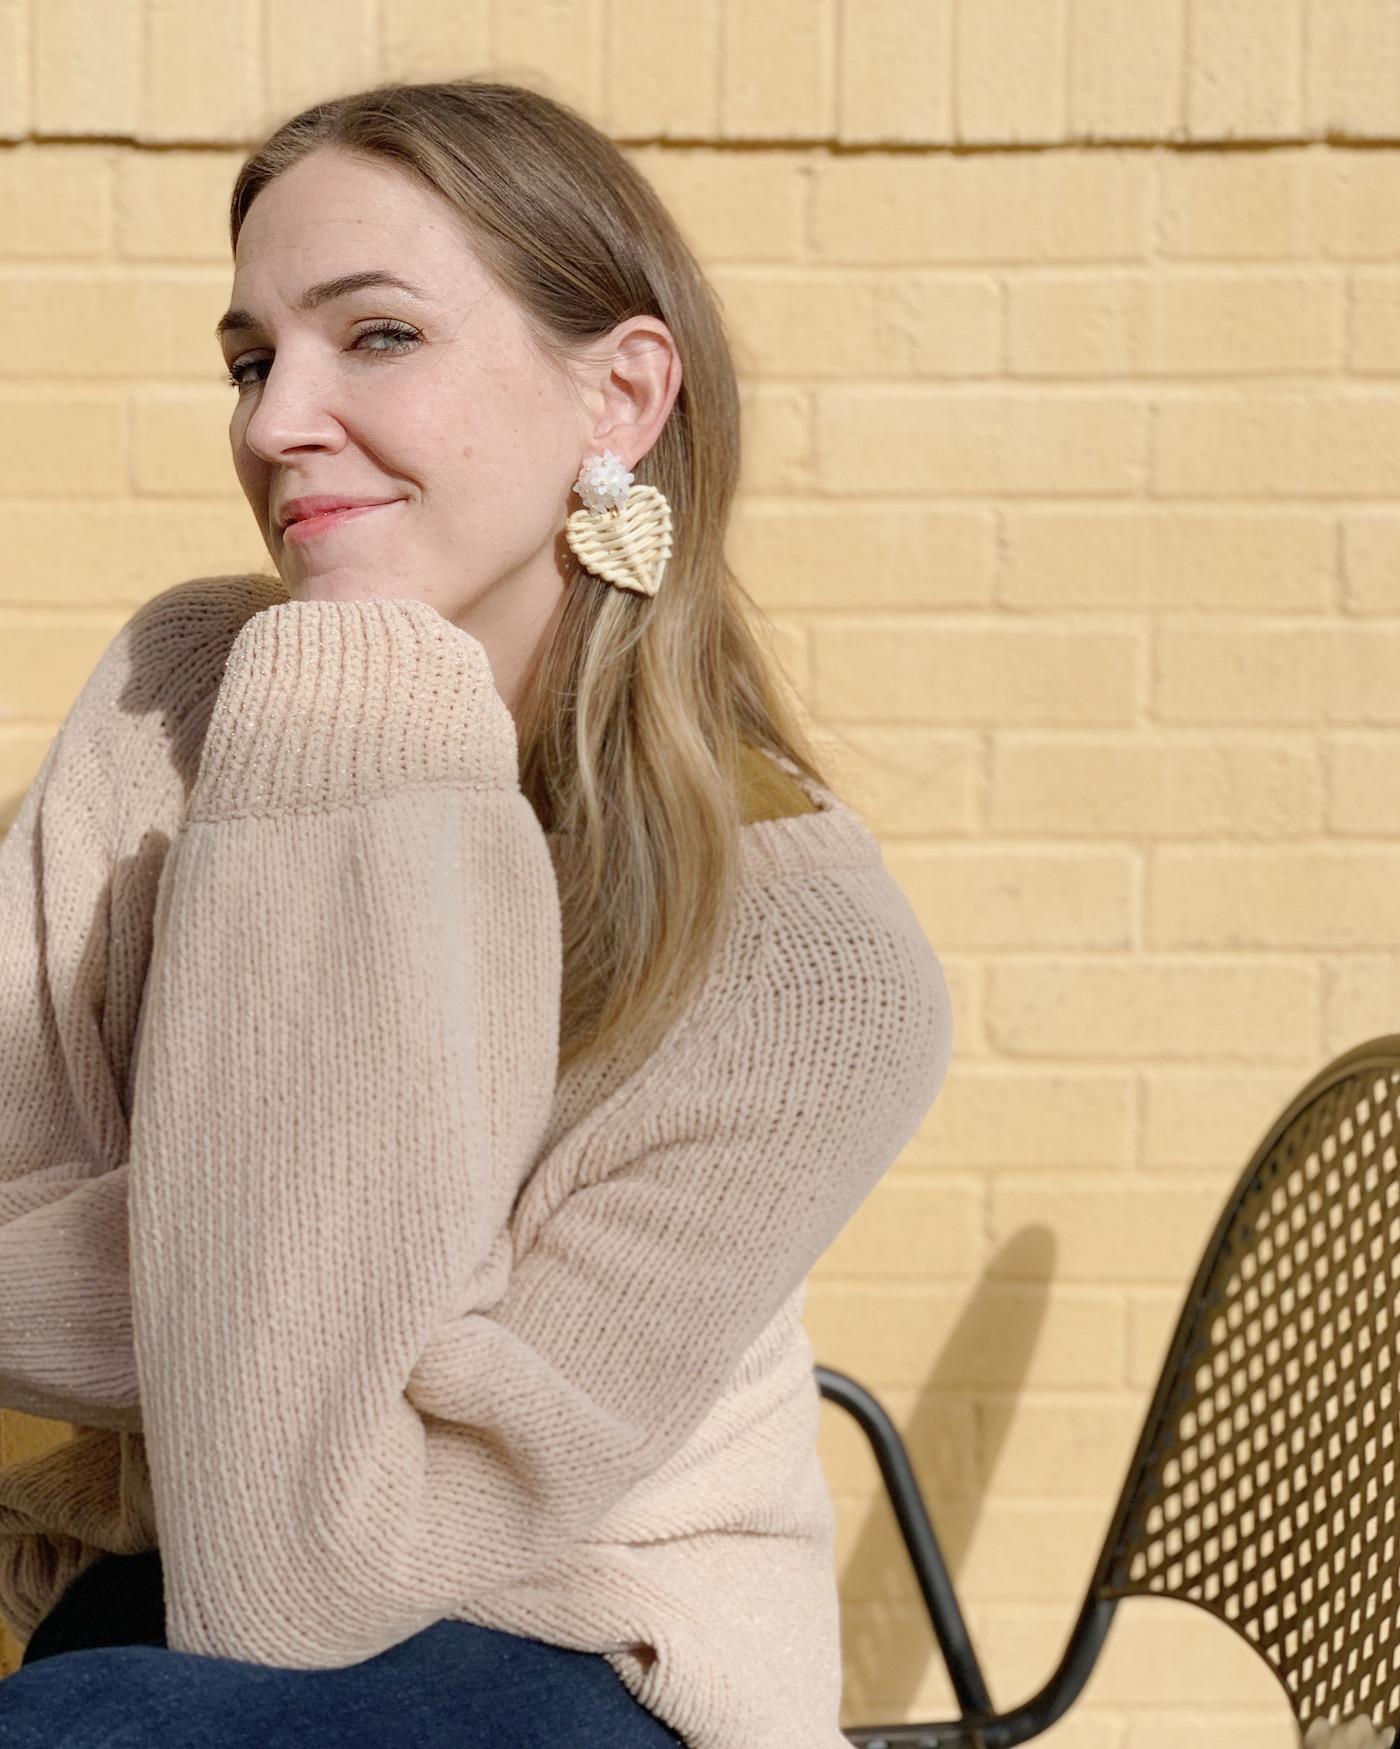 Laurel Earrings by Ashley Woods Designs